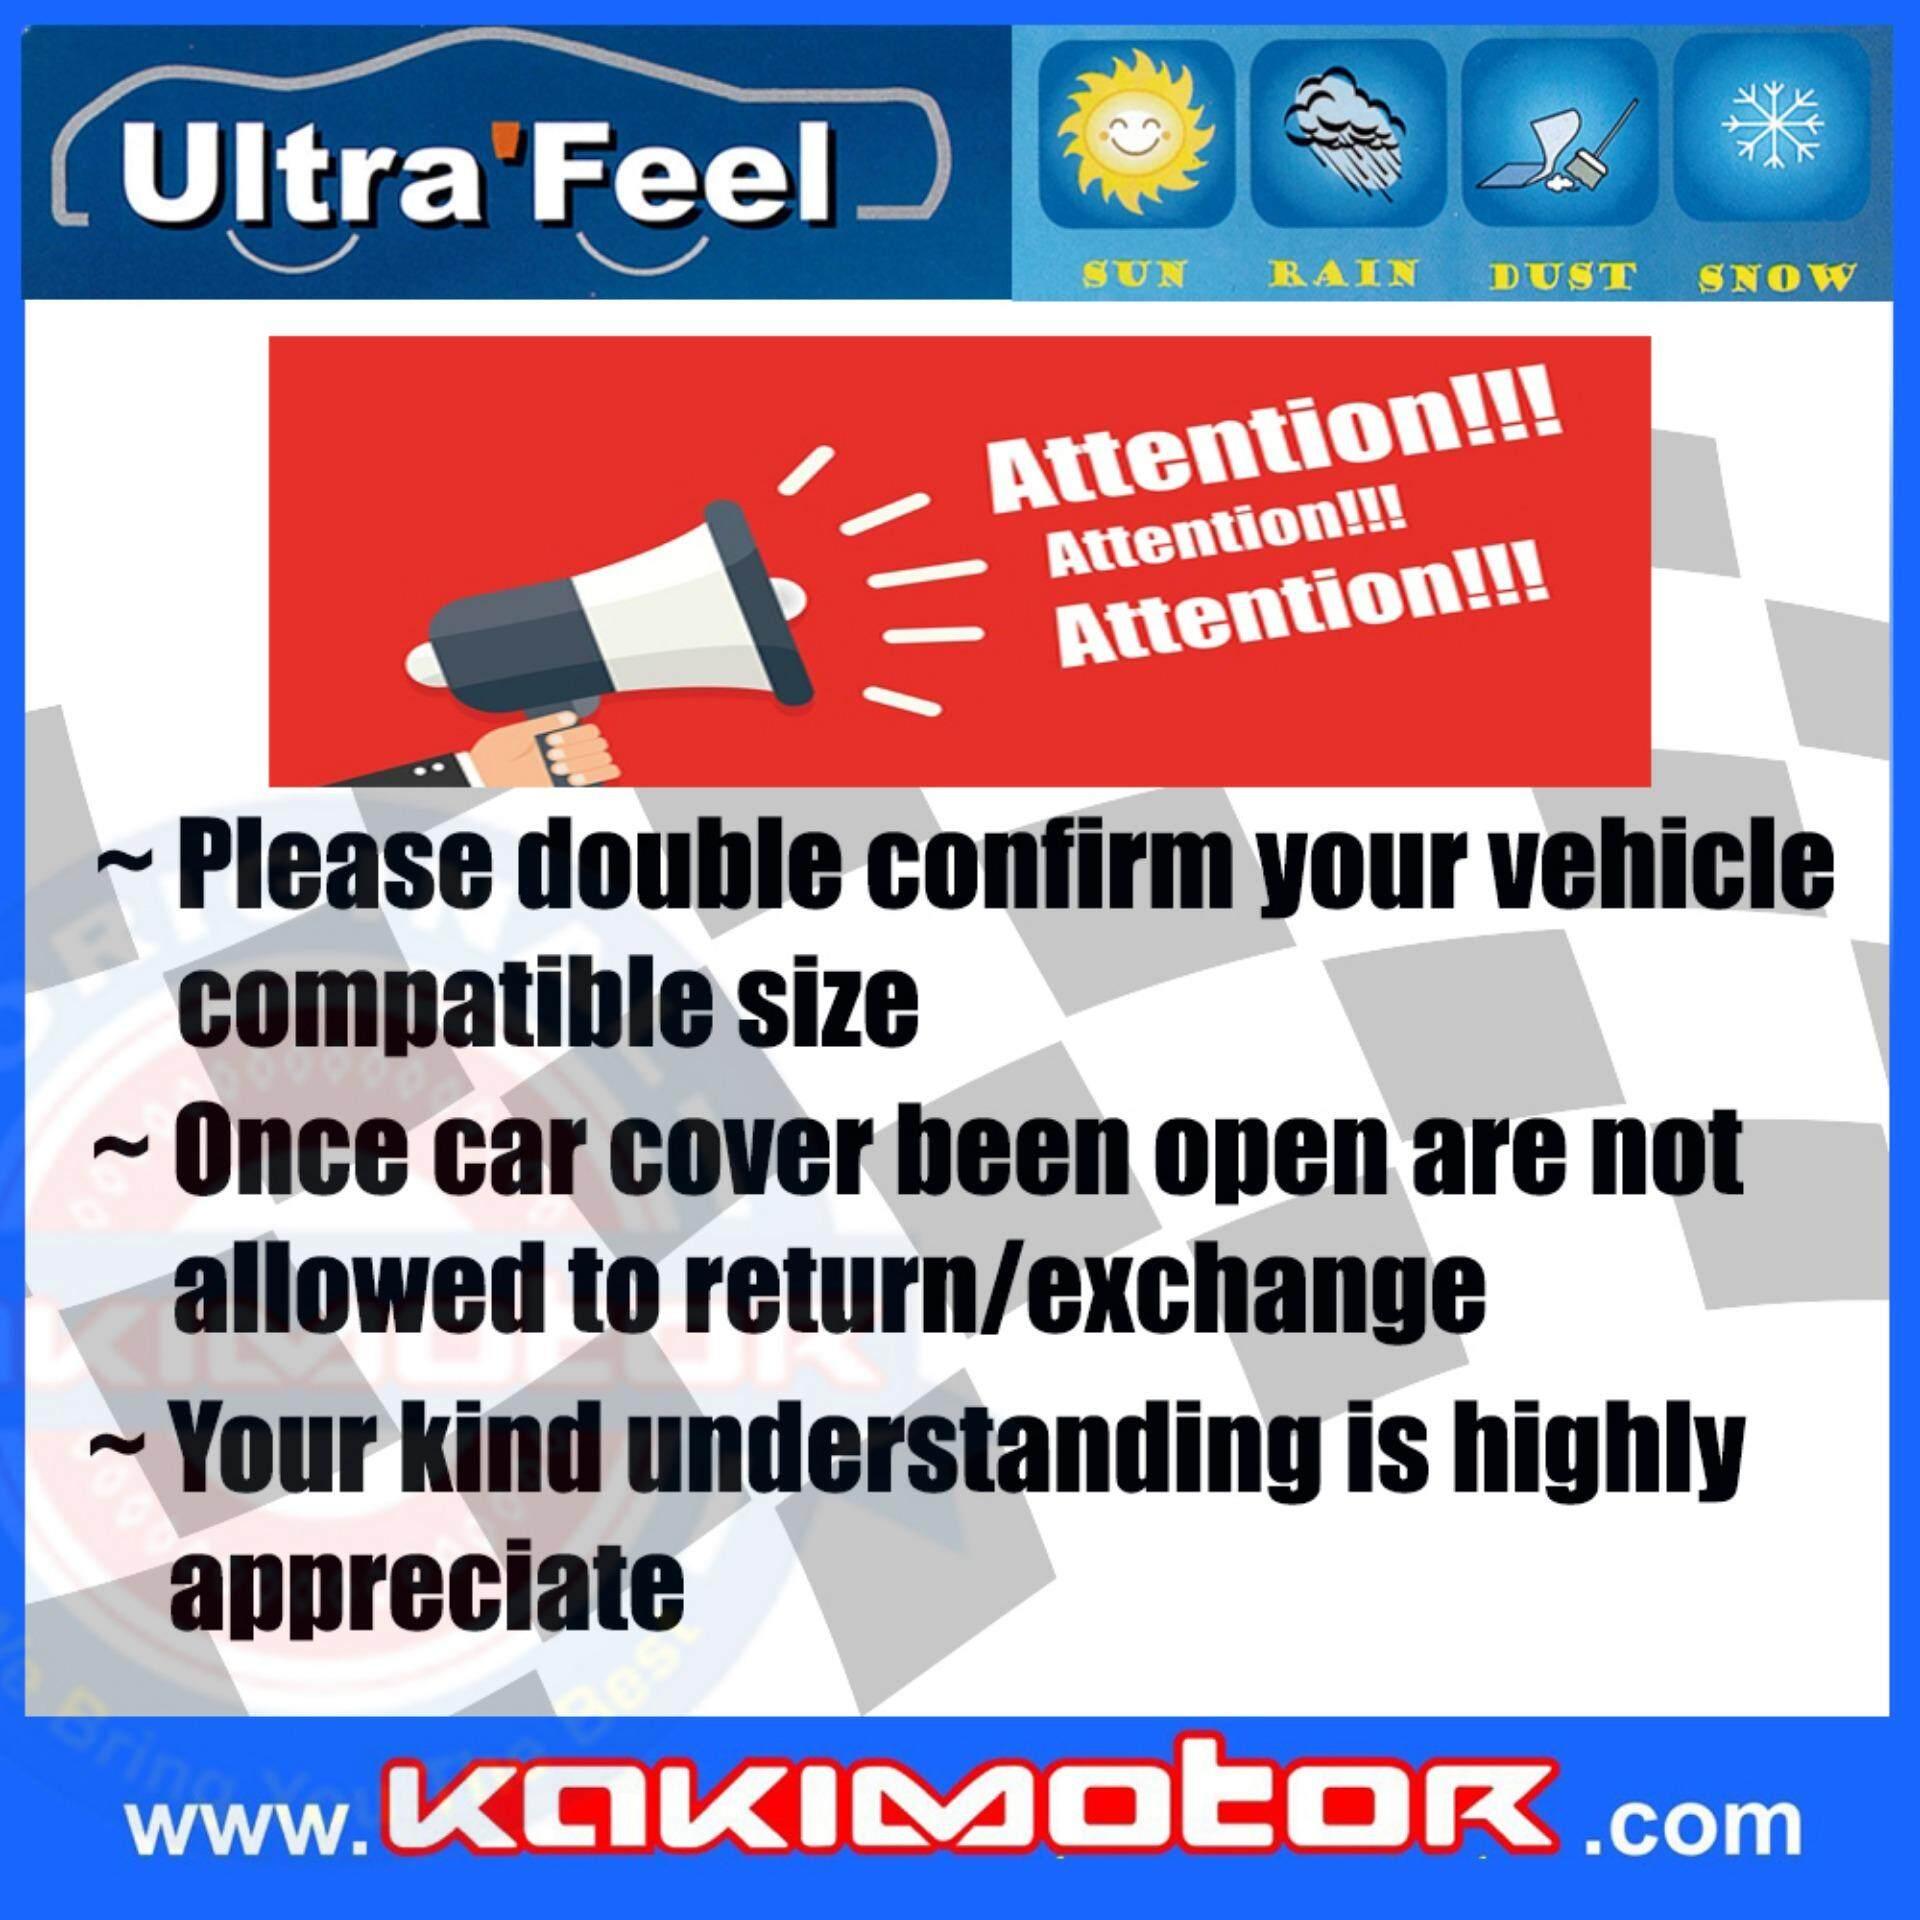 [KOREA] ULTRAFEEL CAR BODY COVER MPV3 FOR ALPHARD/VELLFIRE & SIMILAR VEHICLE